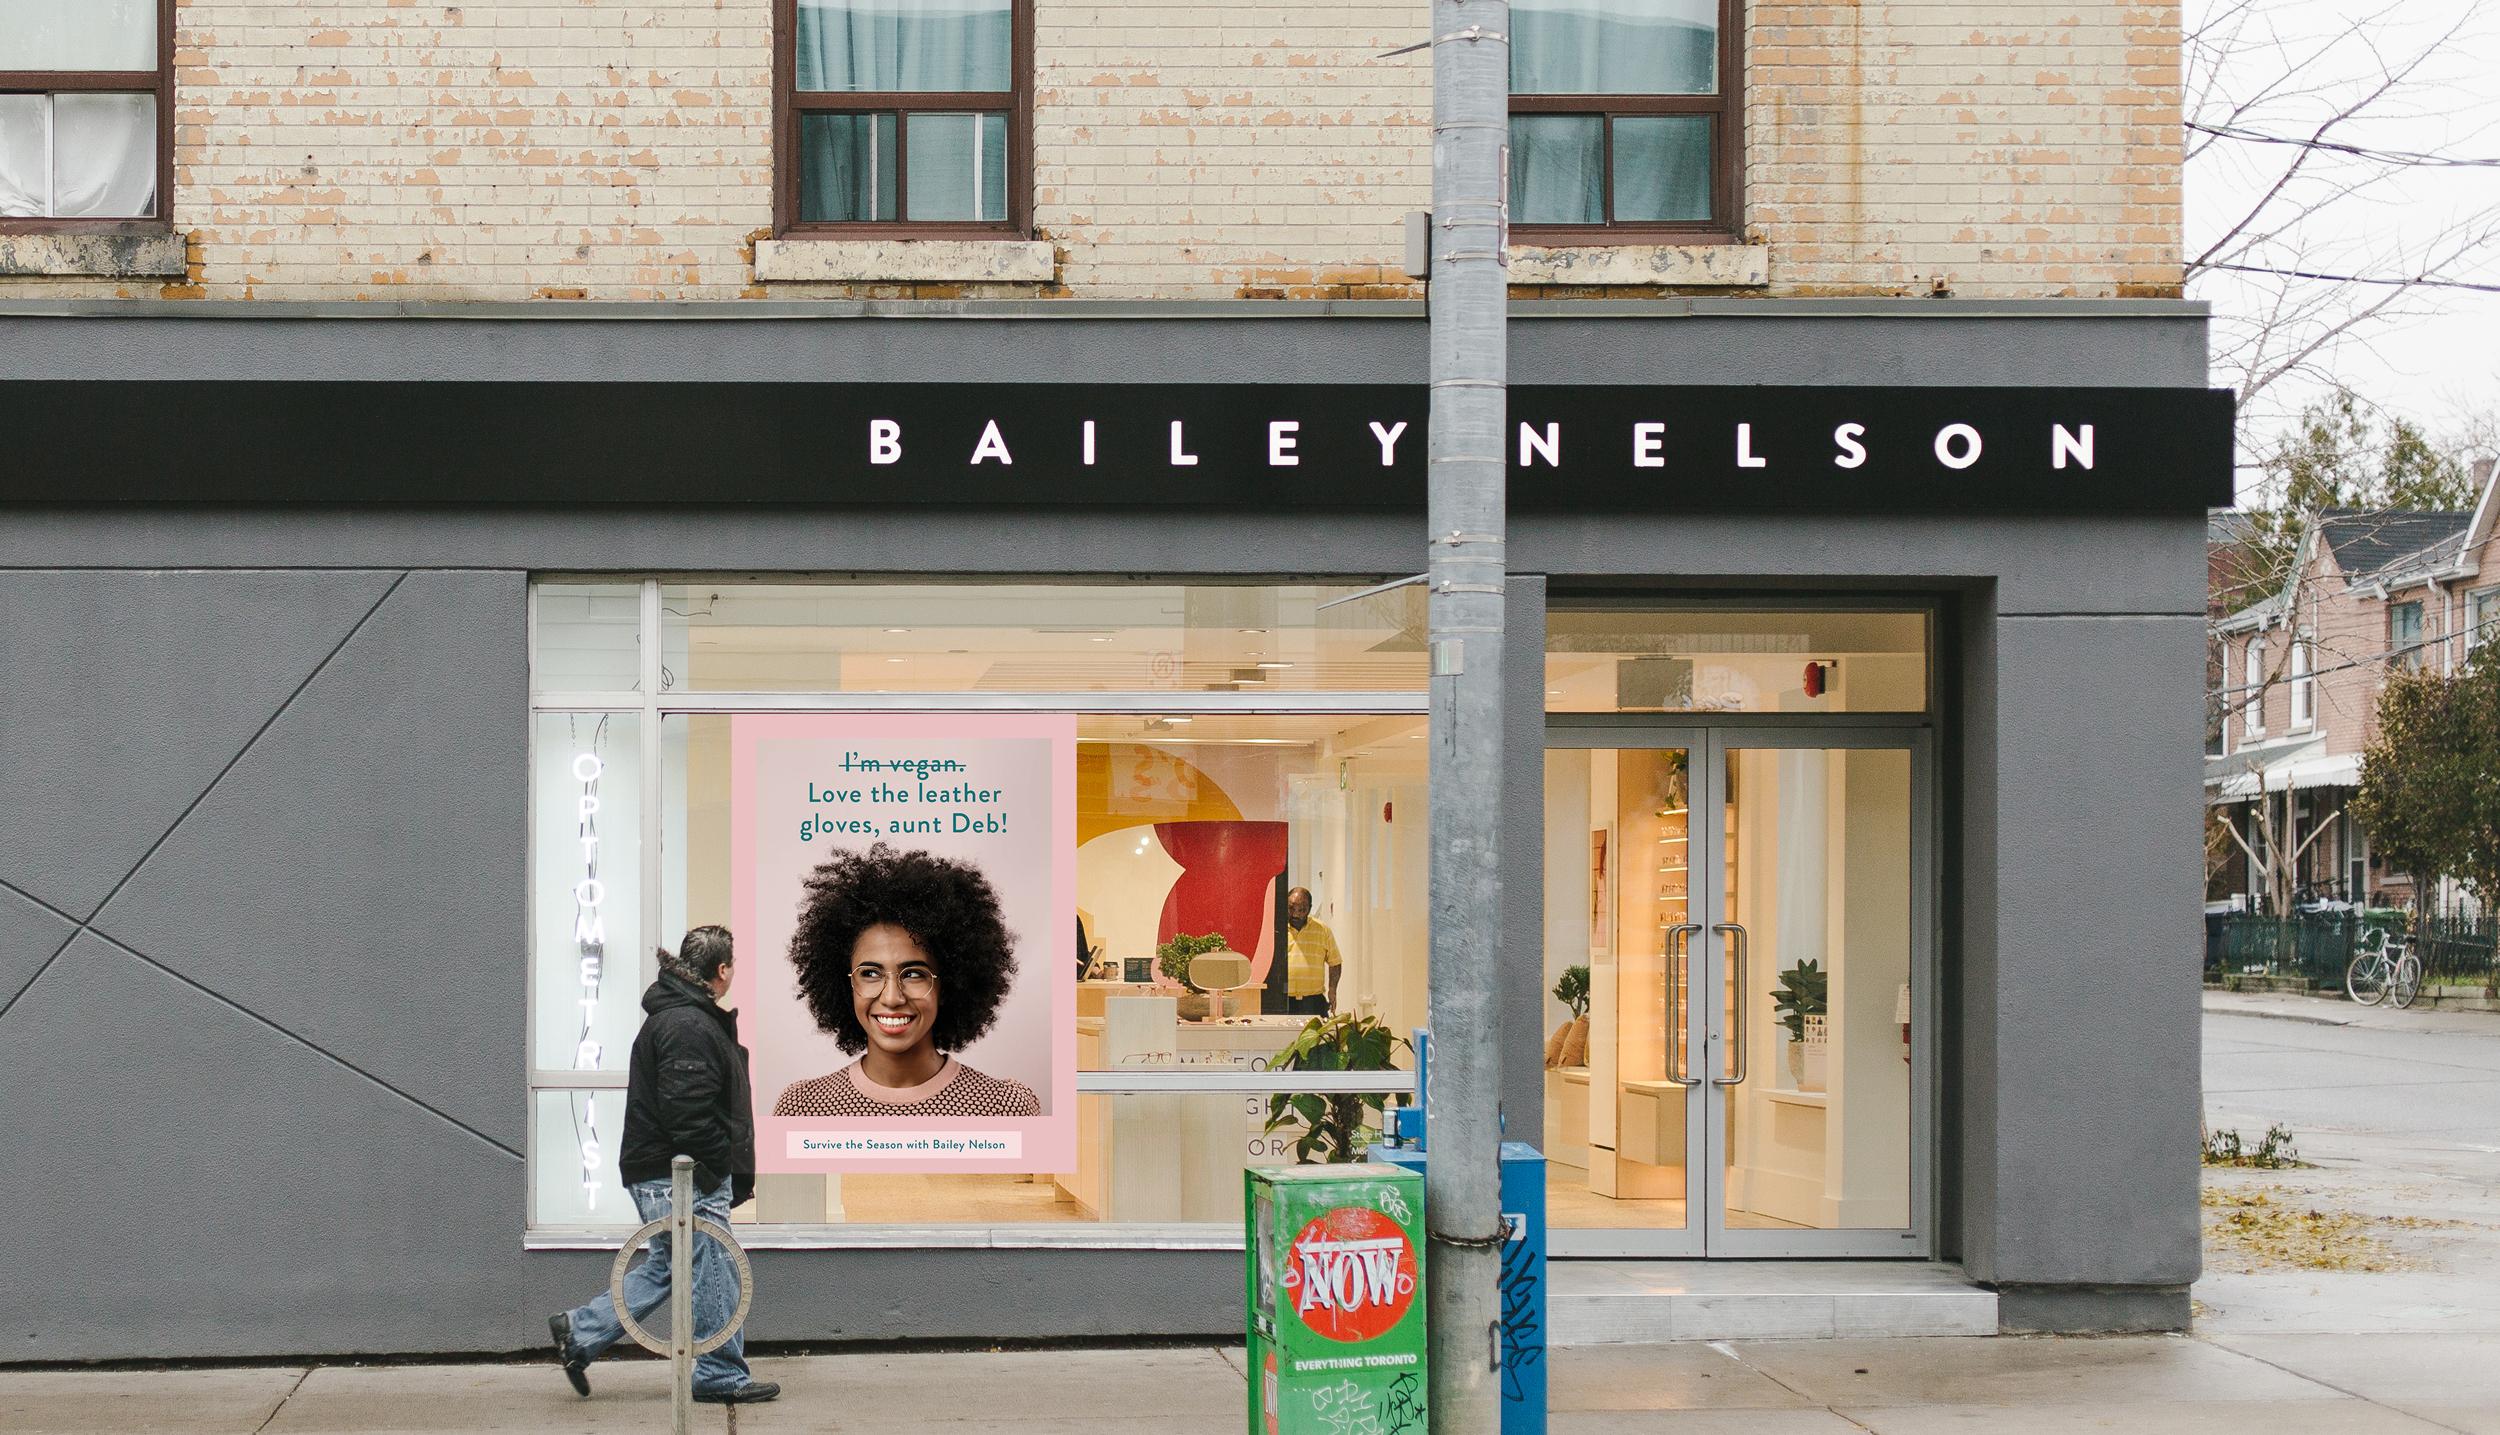 BaileyNelson_WindowPoster_Mock.jpg